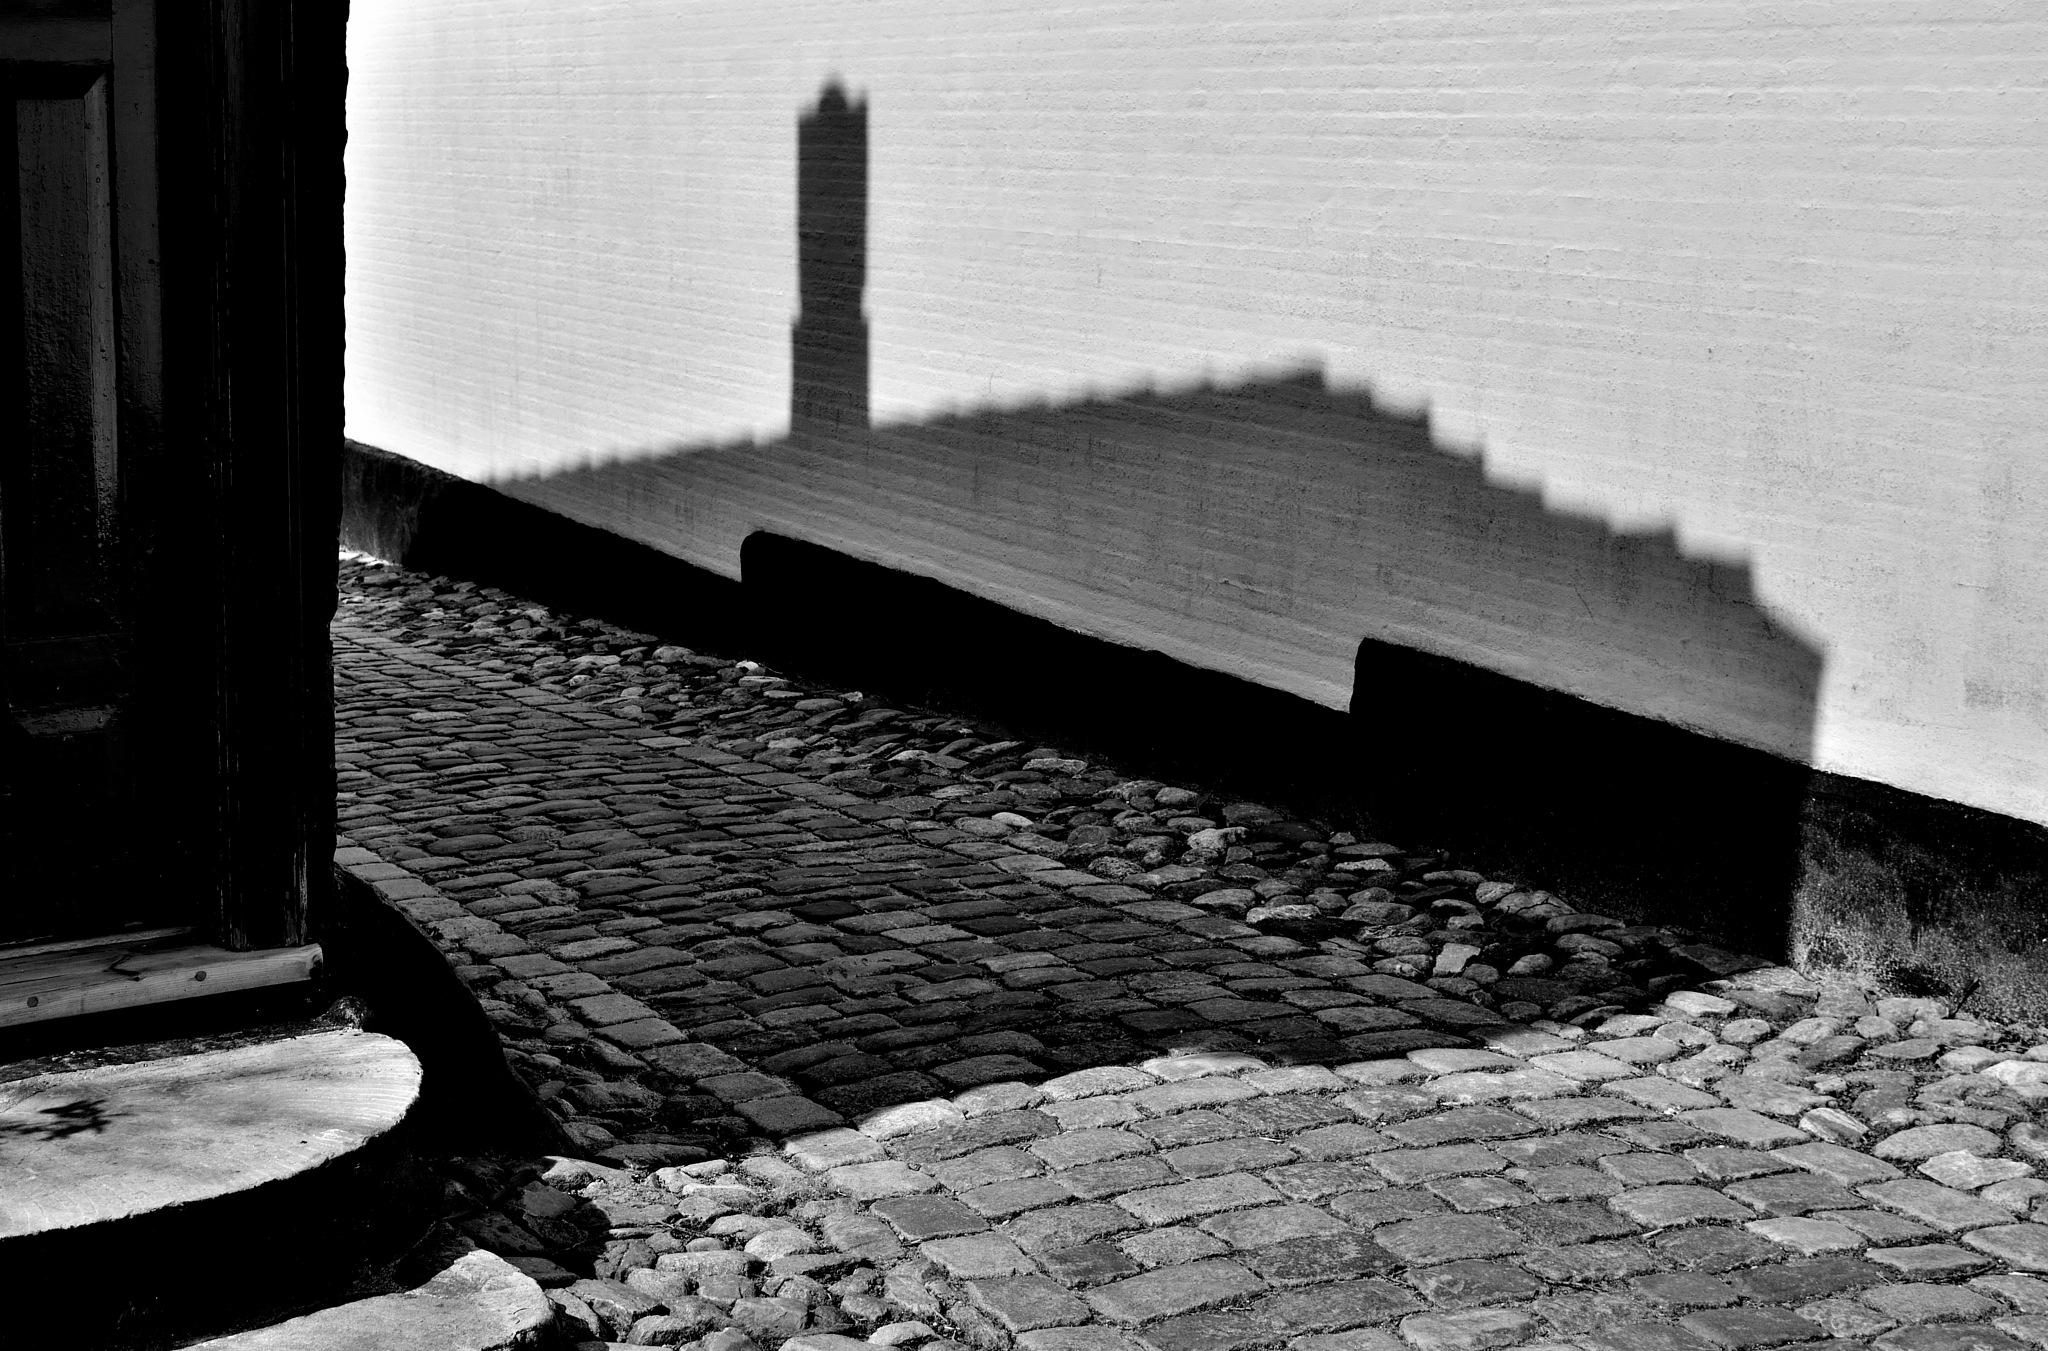 cobblestones and shadows by Poul-Erik Riis